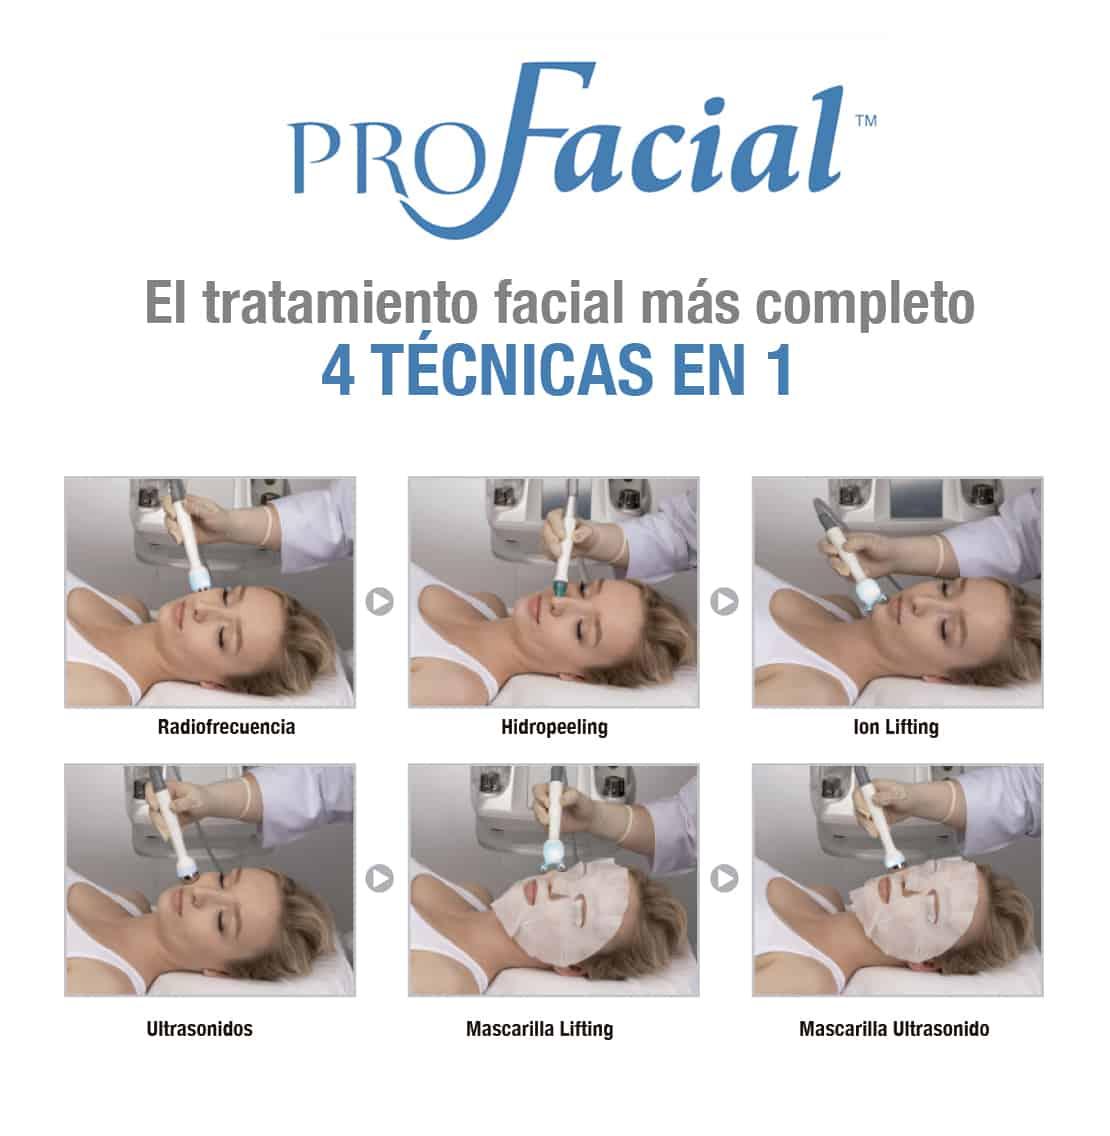 profacial 4x1 Aqua Peeling, Ion Lifting, radiofrecuencia y Ultrasonidos. belium medical distribuidor españa. Limpieza facial profunda, rejuvenecimiento, antiarrugas, producción de colágeno